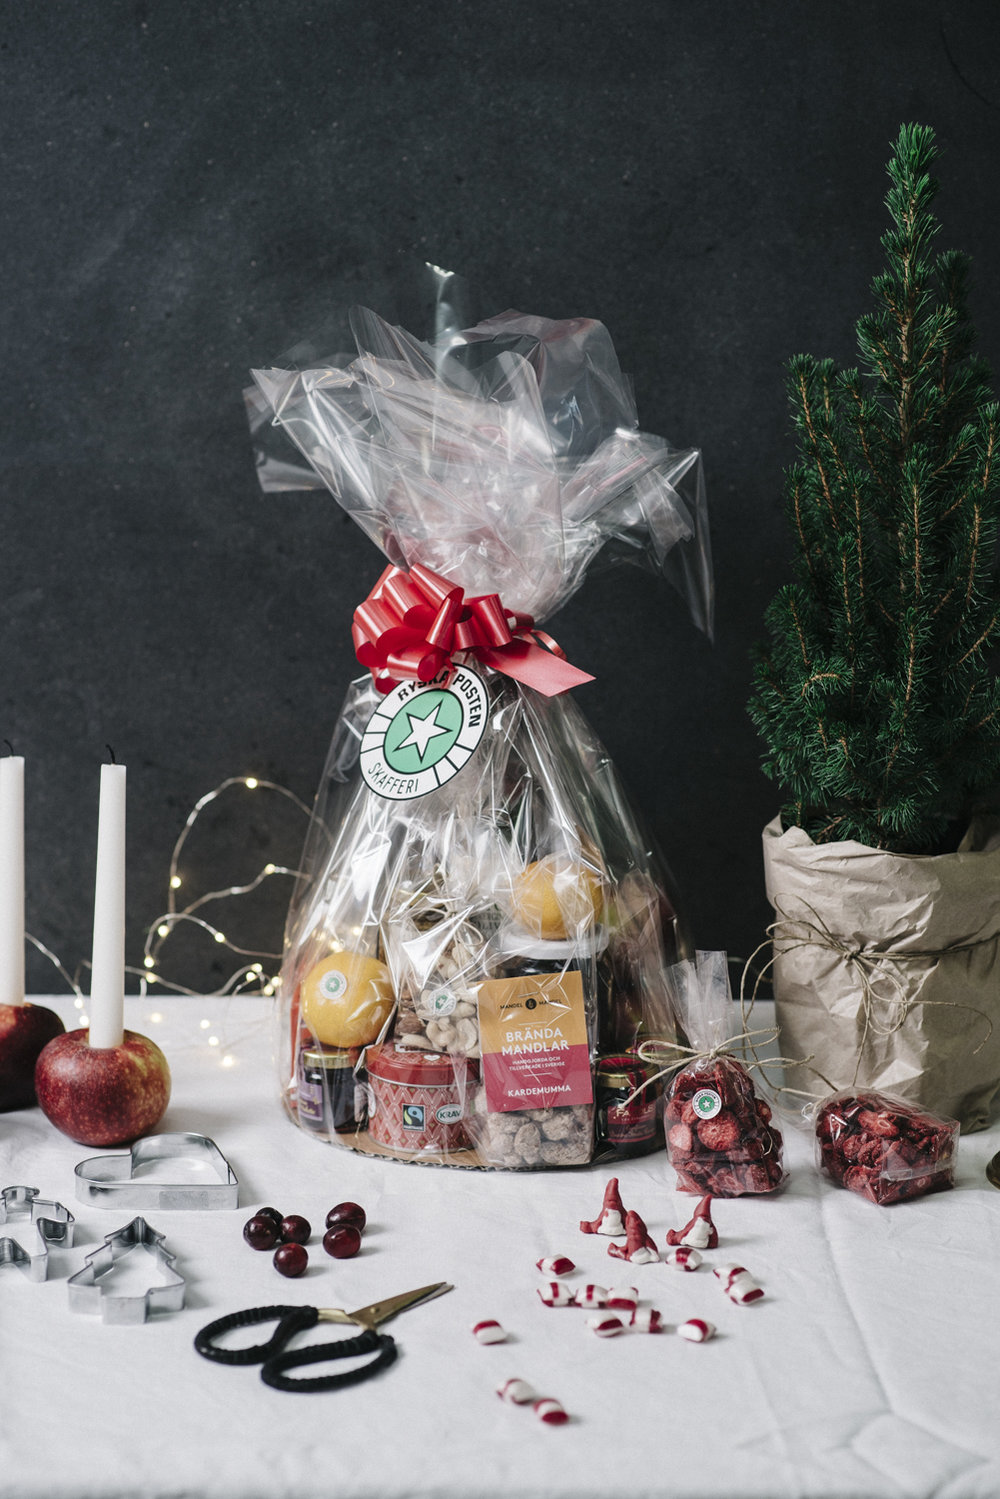 Det kylfria alternativet. Innehåller bland annat festive stars shortbread, olivolja, marmelad, luxury dinner mints, roka crispies parmesan, Croc sec, Secallona, torrsaltade oliver, Fuet och choklad Libeert.   Pris:  595 kr